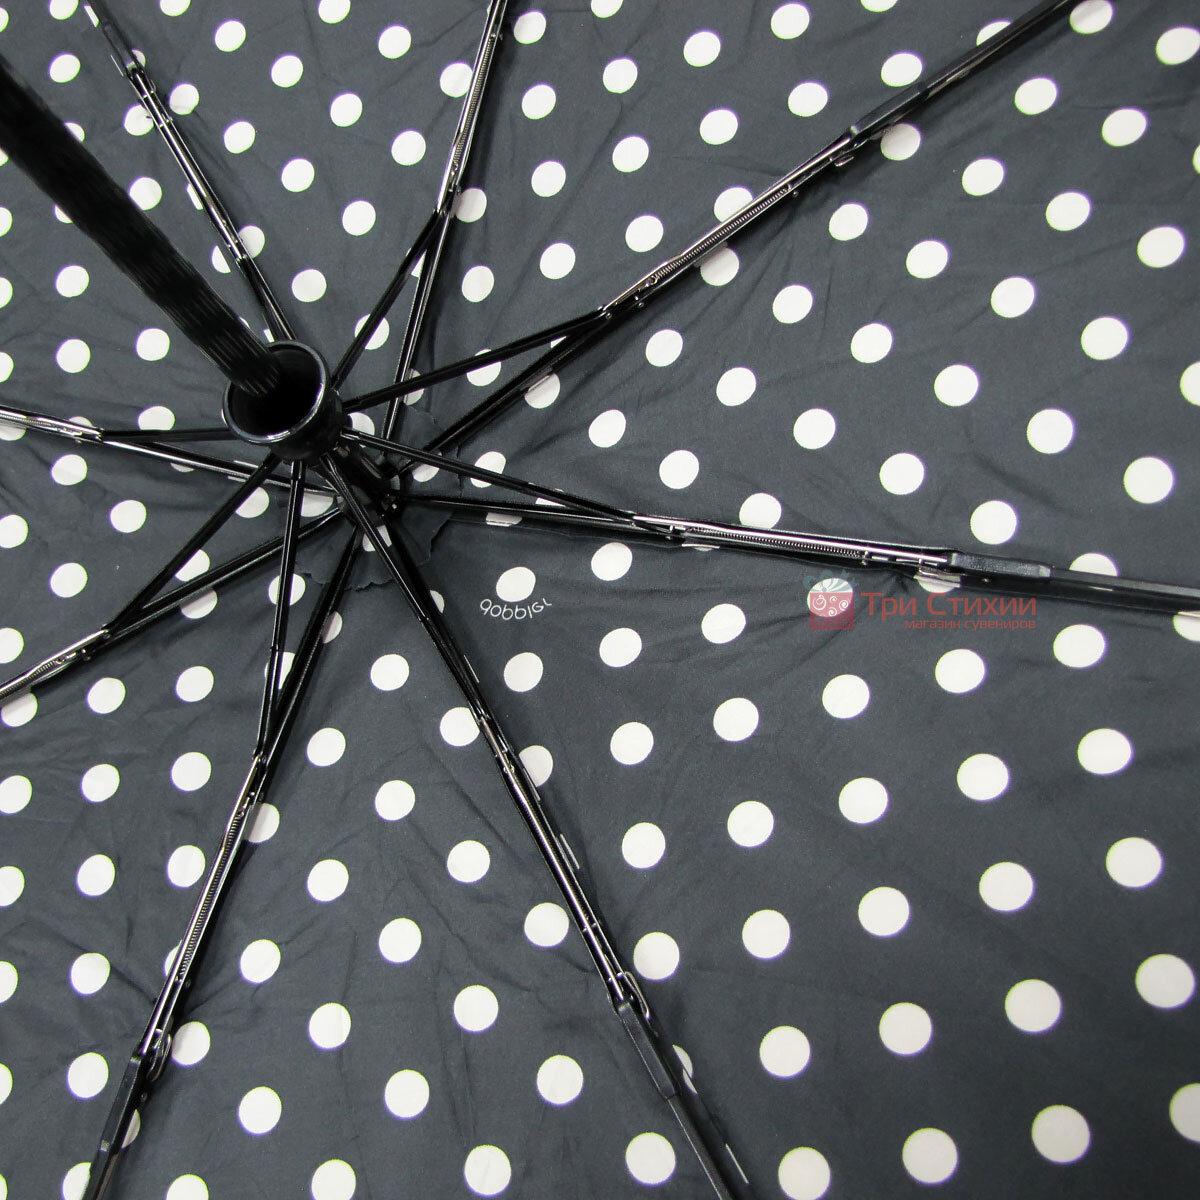 Зонт складной Doppler 7441465BW06 полный автомат Черно-белый, фото 4